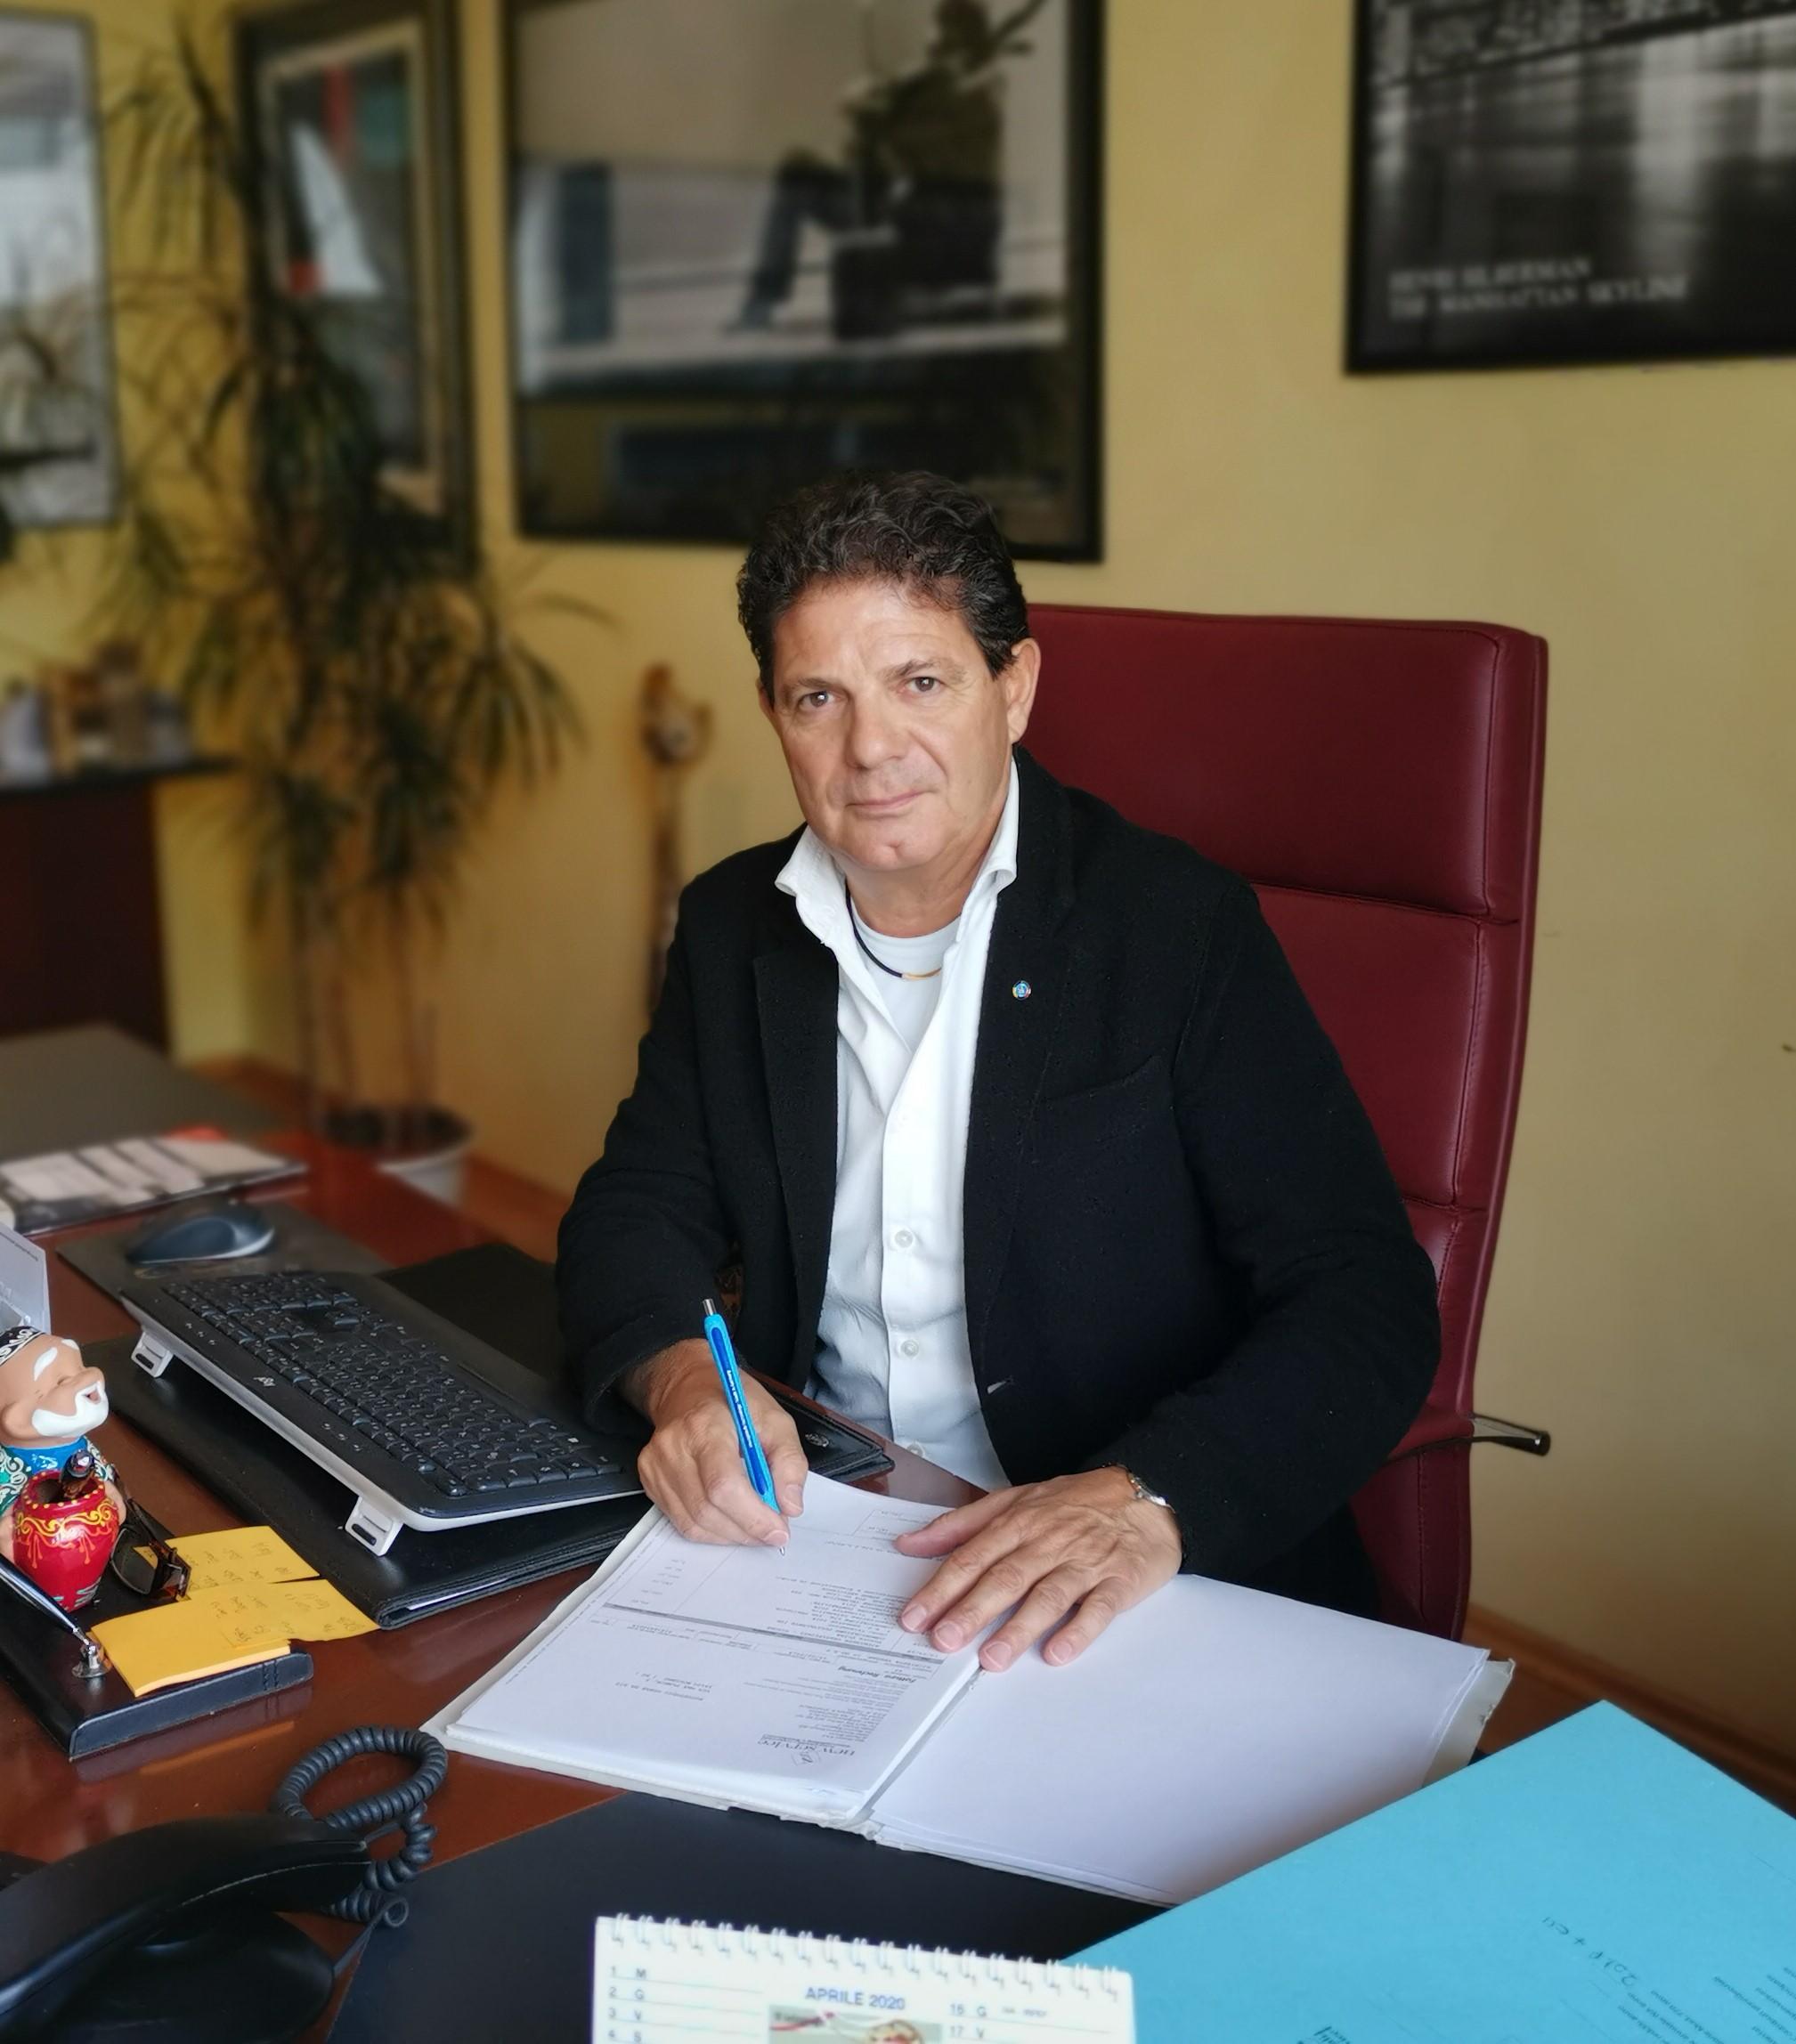 Bruno Festini Battiferro, Studio New Service